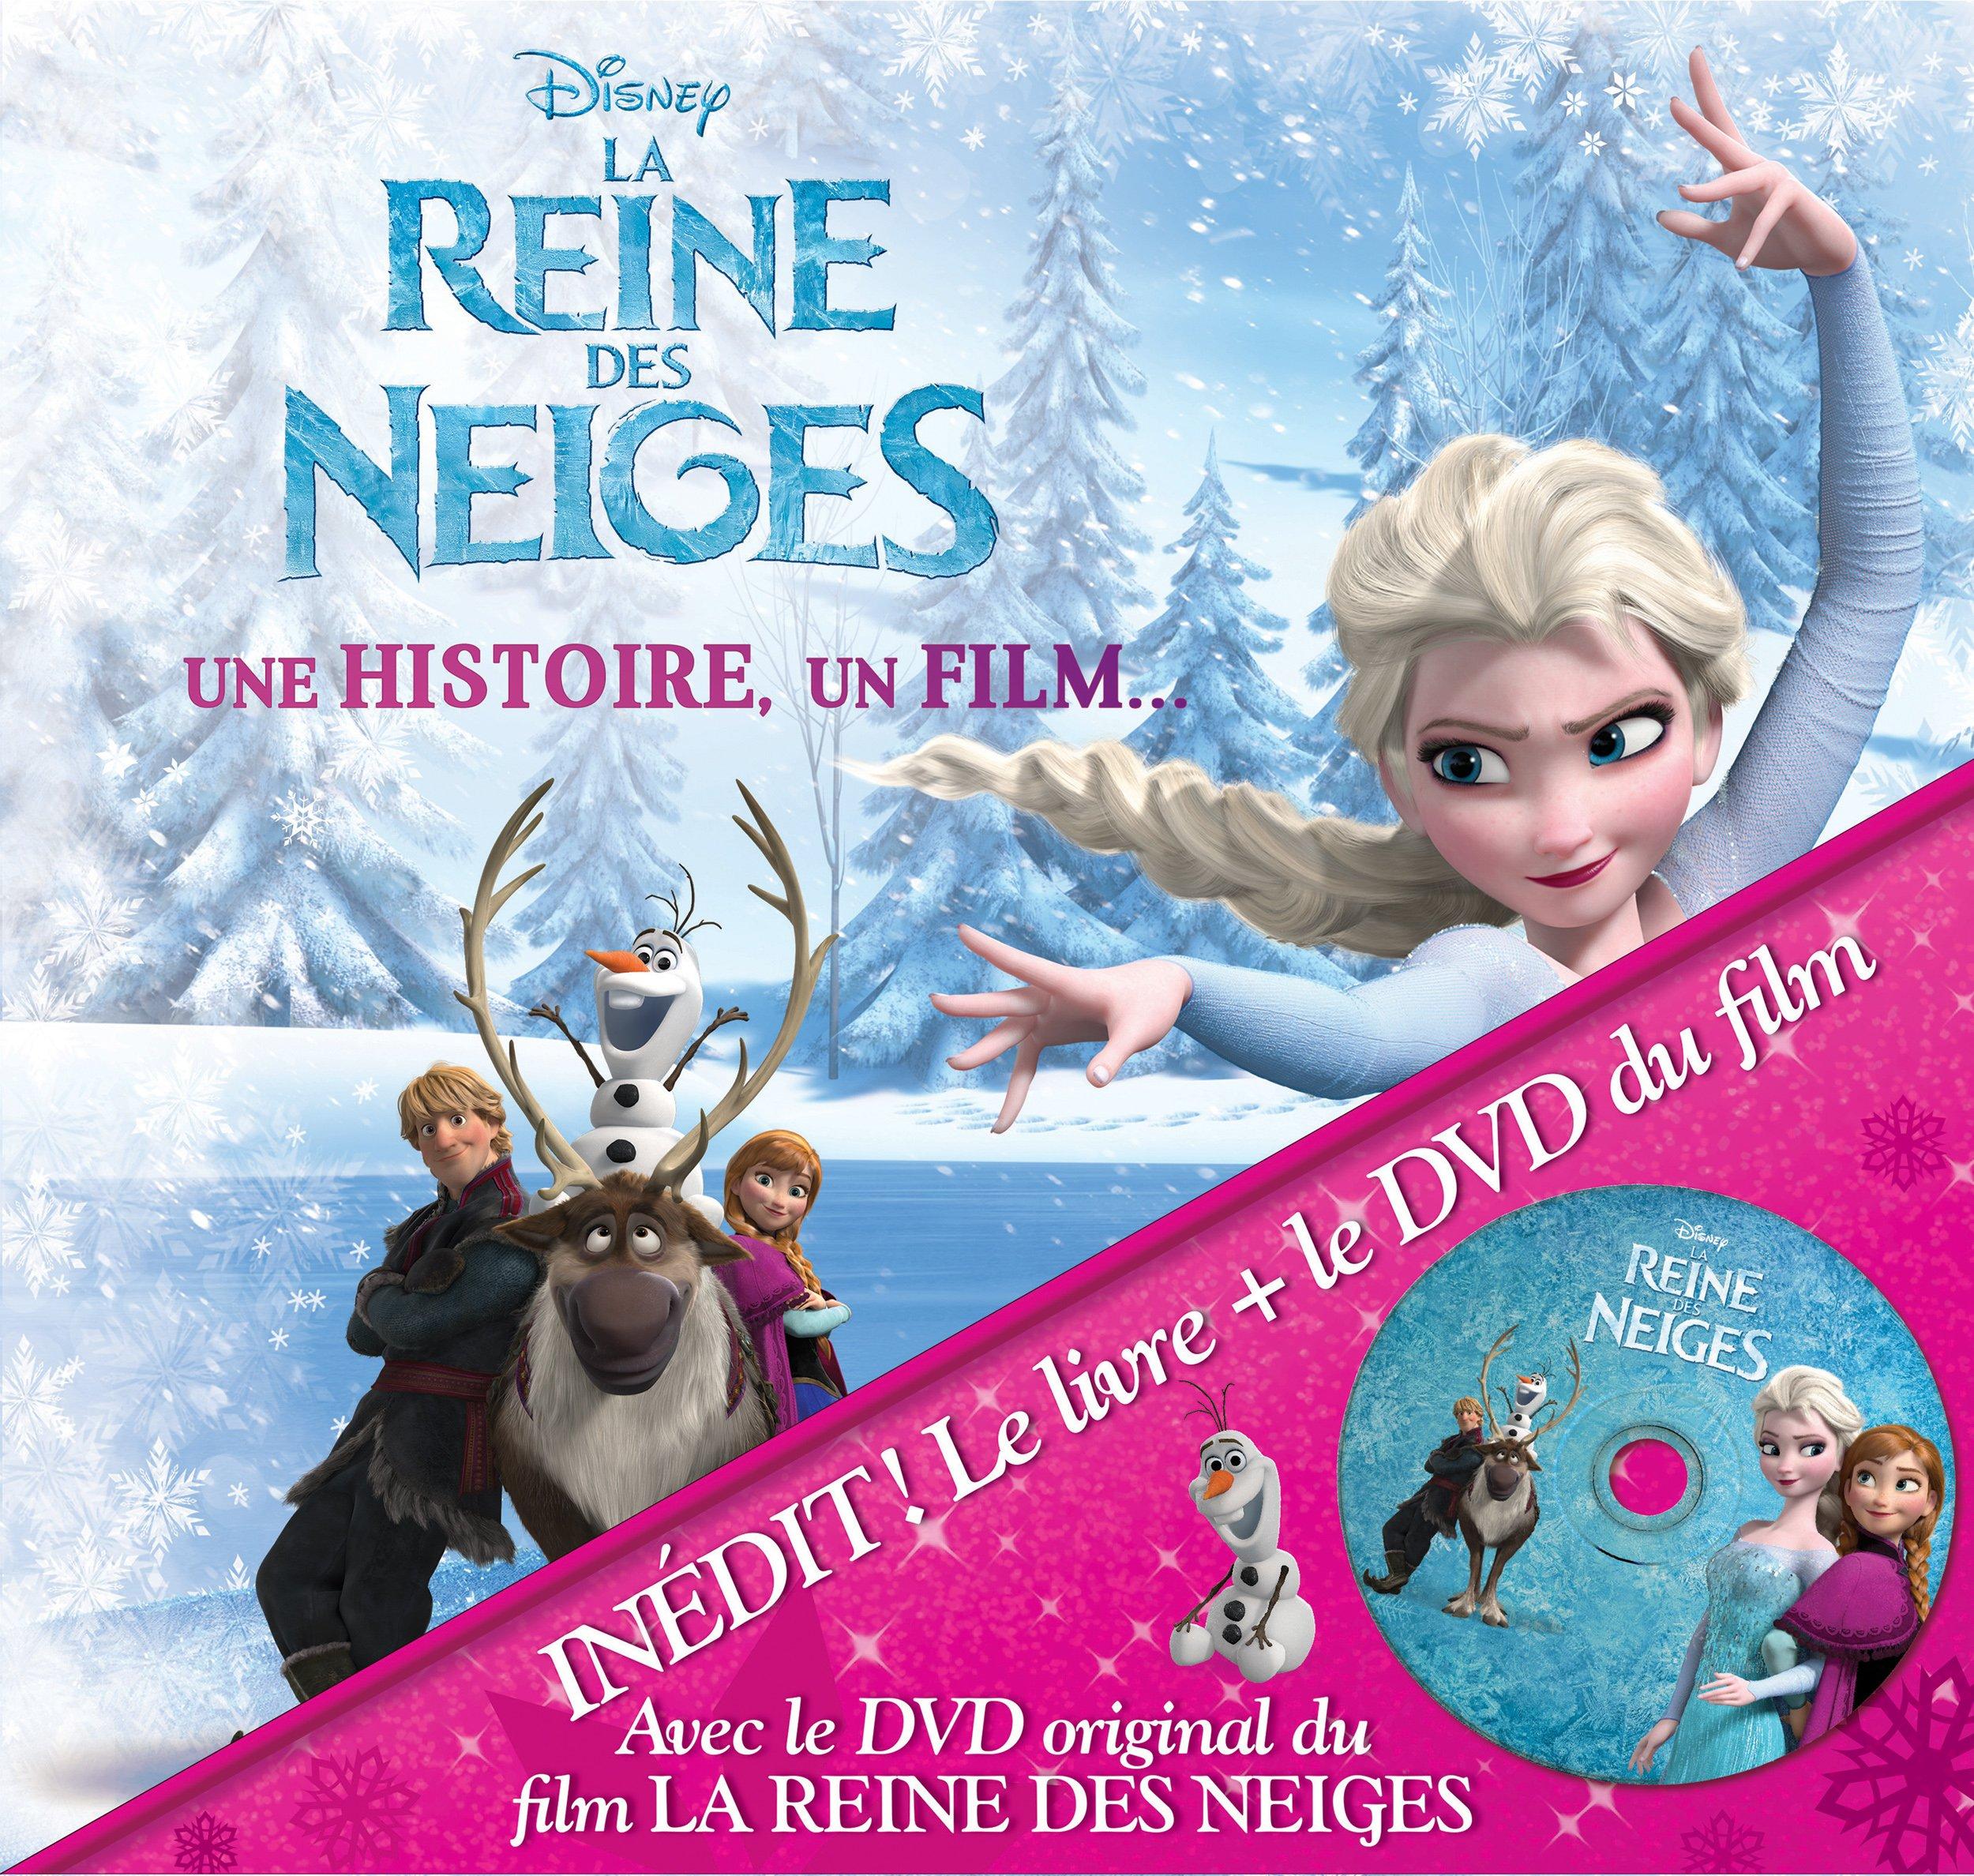 La reine des neiges : une histoire, un film. (1DVD)